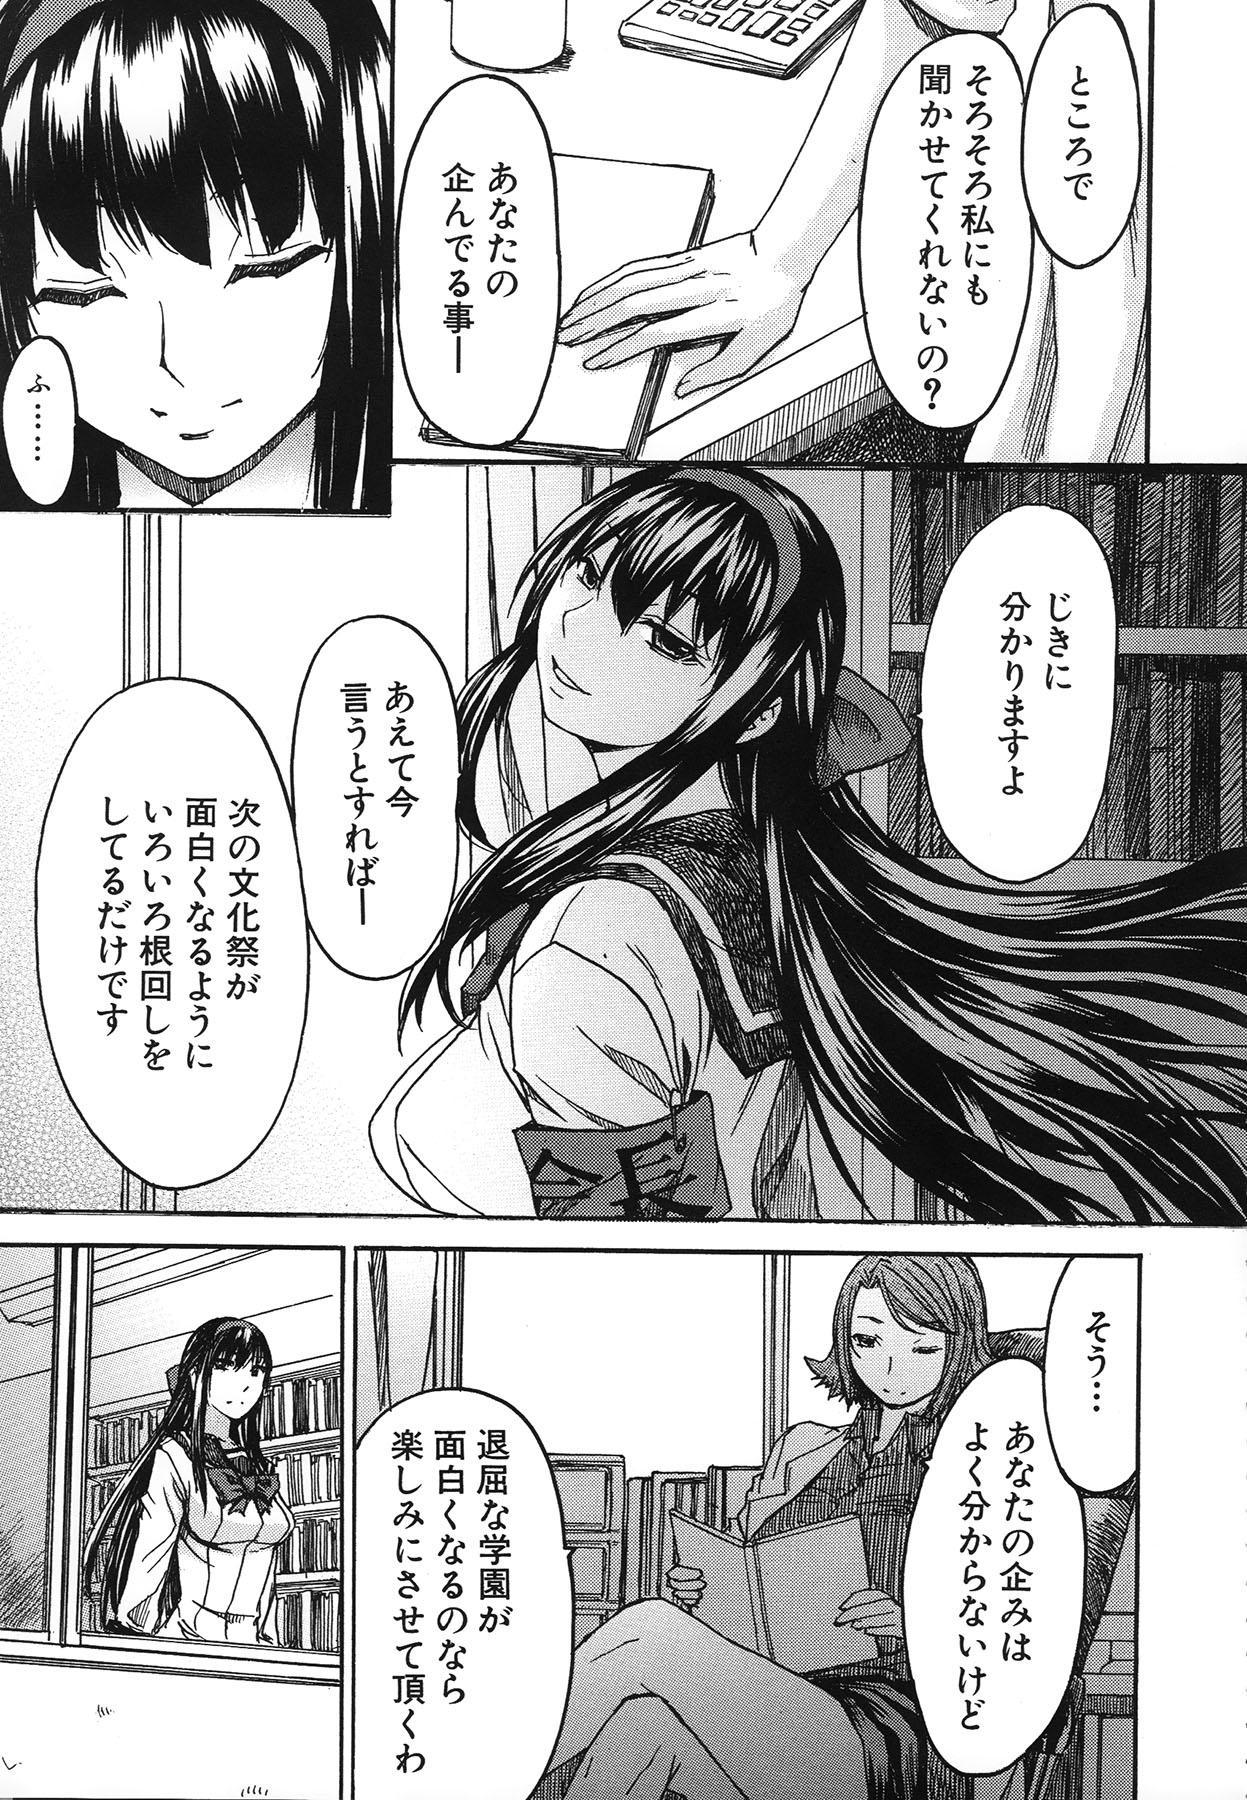 Ashigami 156